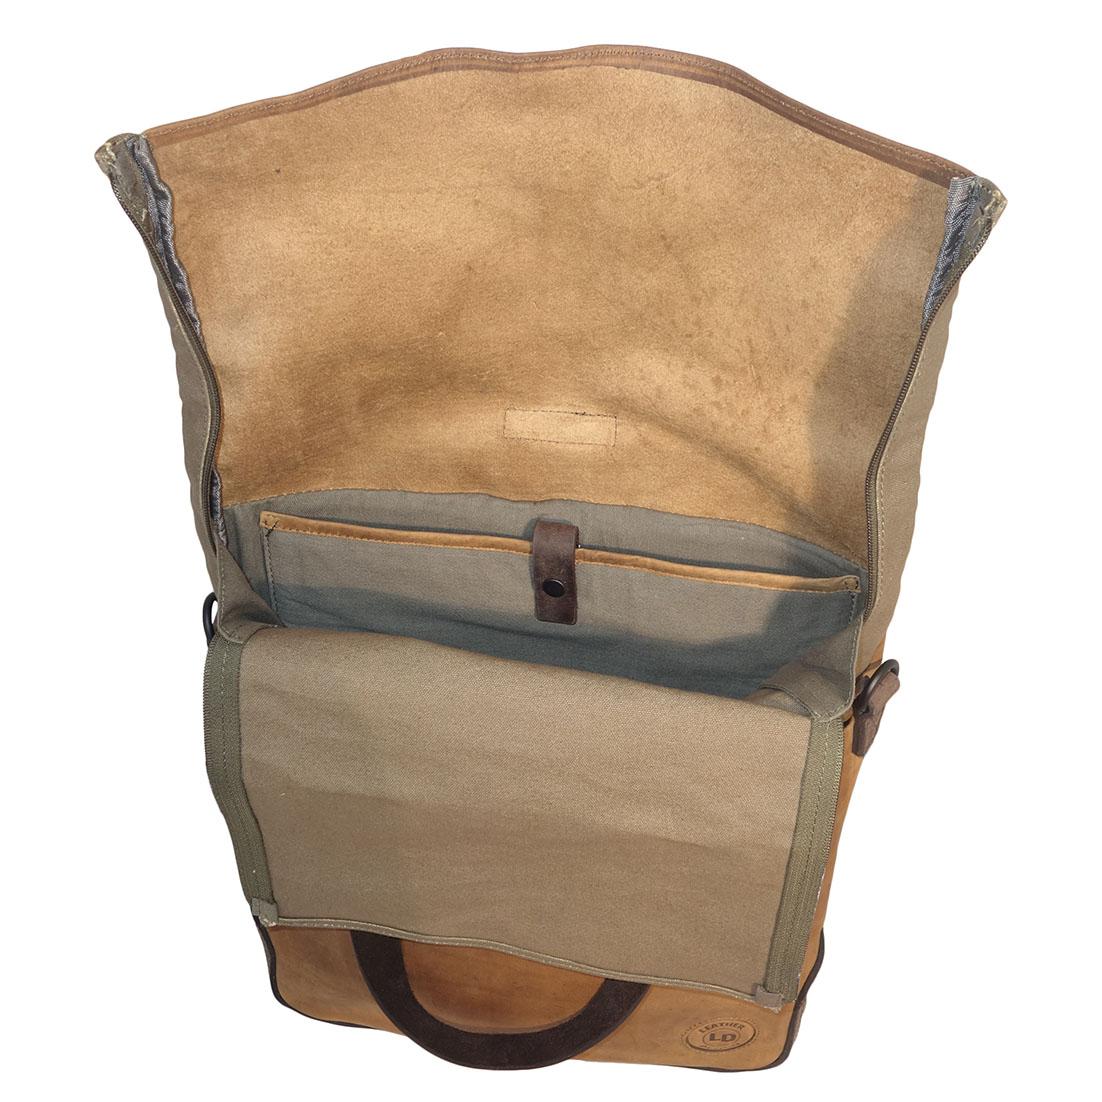 Stoere rugzak/schoudertas/handtas van Leather Design. De tas is gemaakt van hoogwaardige kwaliteit leer en een stevige kwalitieit canvas, de combinatie van leer en canvas maakt deze tas uniek. Het leer van de tas voelt goed aan en is soepel. Deze handige tas kunt zowel dragen als rugzak, handtas of als schoudertas. D.m.v. de musketons van de schouderbanden kunt u van de tas een rugzak of schoudertas maken, als u de schouderbanden los maakt kunt u de tas gebruiken als handtas met de handvatten. De schouderbanden zijn verstelbaar.